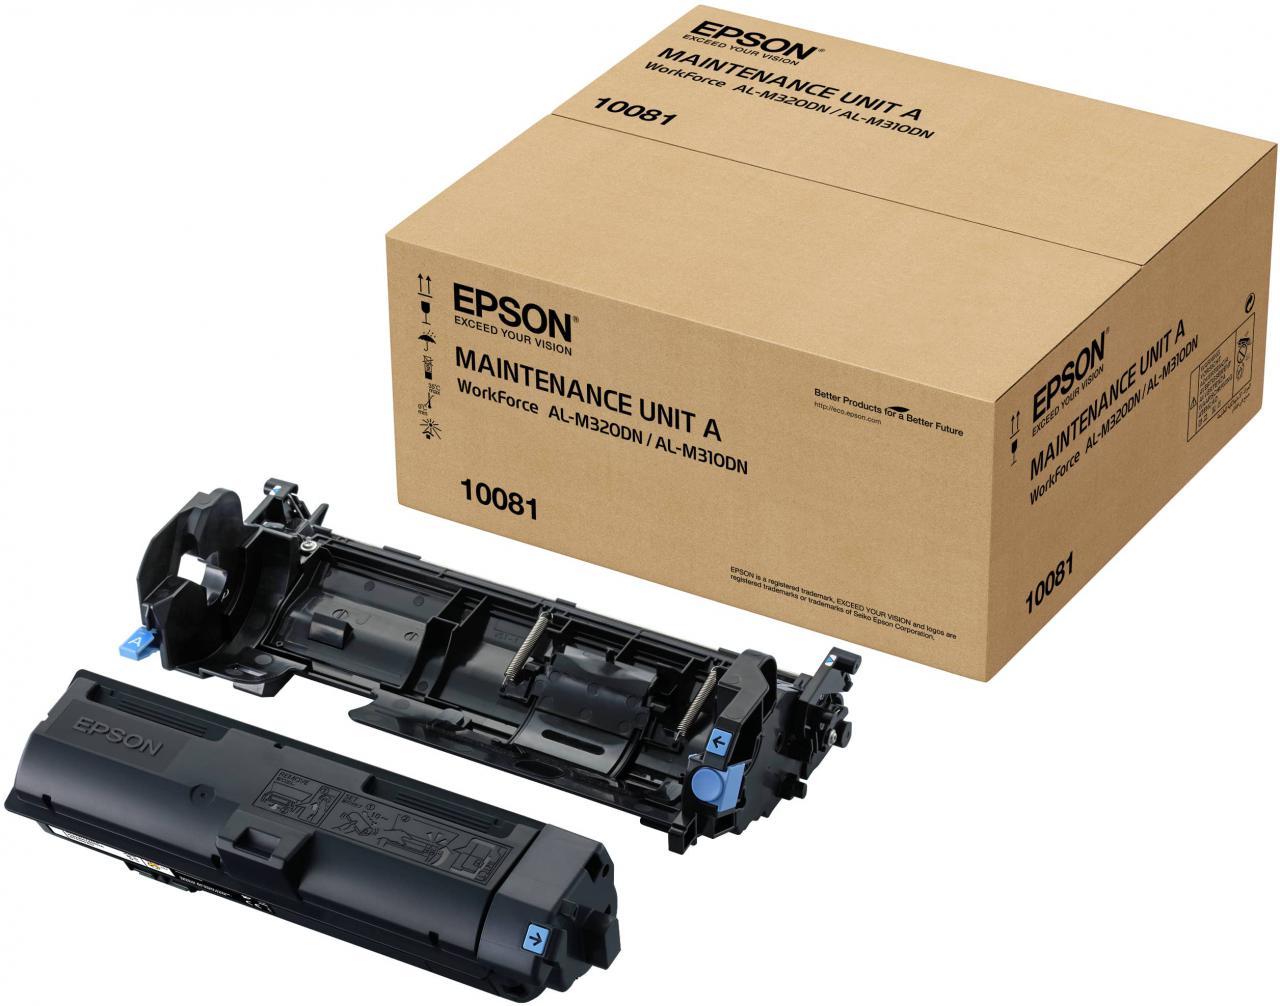 Fotografie EPSON AL-M310/M320 Maintenance Unit A (Dev/Toner) (C13S110081)